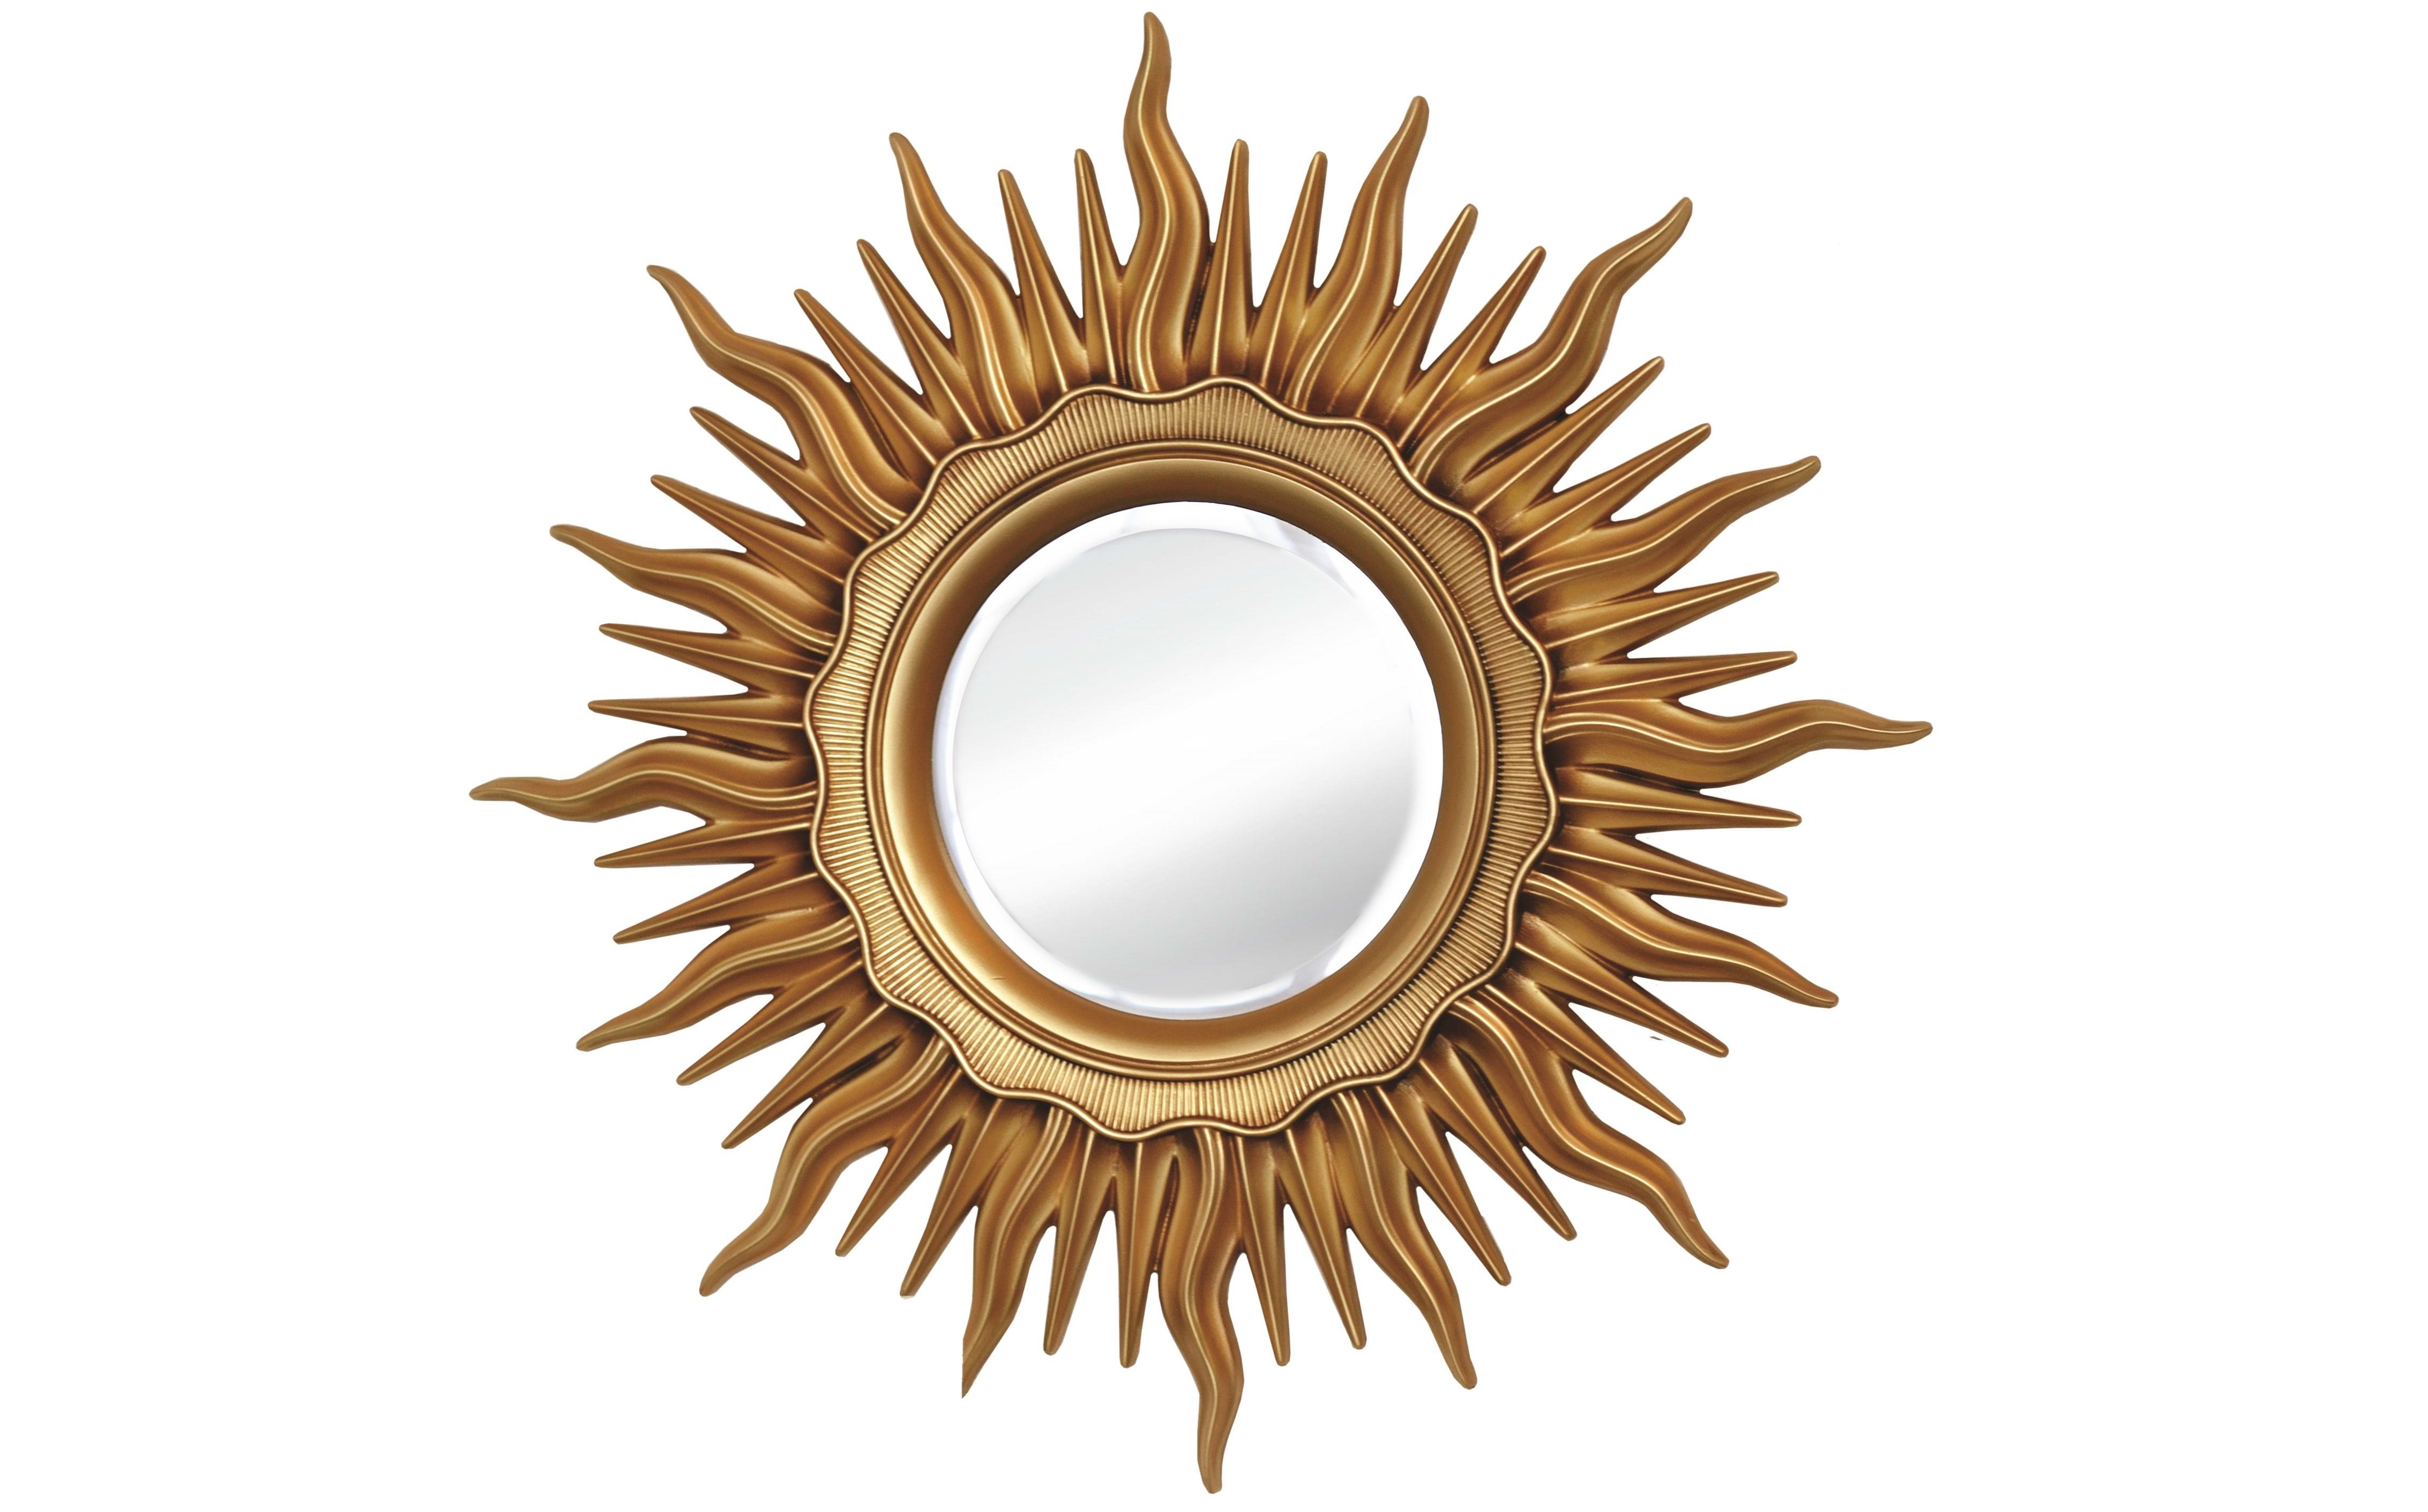 Зеркало АстроНастенные зеркала<br>Пространства, которым не хватает света и тепла, обретут совершенно иной облик благодаря этому оригинальному зеркалу. Выполненное в форме солнца, оно позволит лету навсегда поселиться в вашем доме.&amp;amp;nbsp;&amp;lt;div&amp;gt;&amp;lt;br&amp;gt;&amp;lt;/div&amp;gt;&amp;lt;div&amp;gt;Рекомендации по уходу: бережная, влажная уборка. Запрещается использование любых растворителей.&amp;lt;/div&amp;gt;&amp;lt;div&amp;gt;Материал: мебельный композит.&amp;lt;/div&amp;gt;&amp;lt;div&amp;gt;Цвет: золото, патина.&amp;lt;/div&amp;gt;<br><br>Material: Полиуретан<br>Глубина см: 4